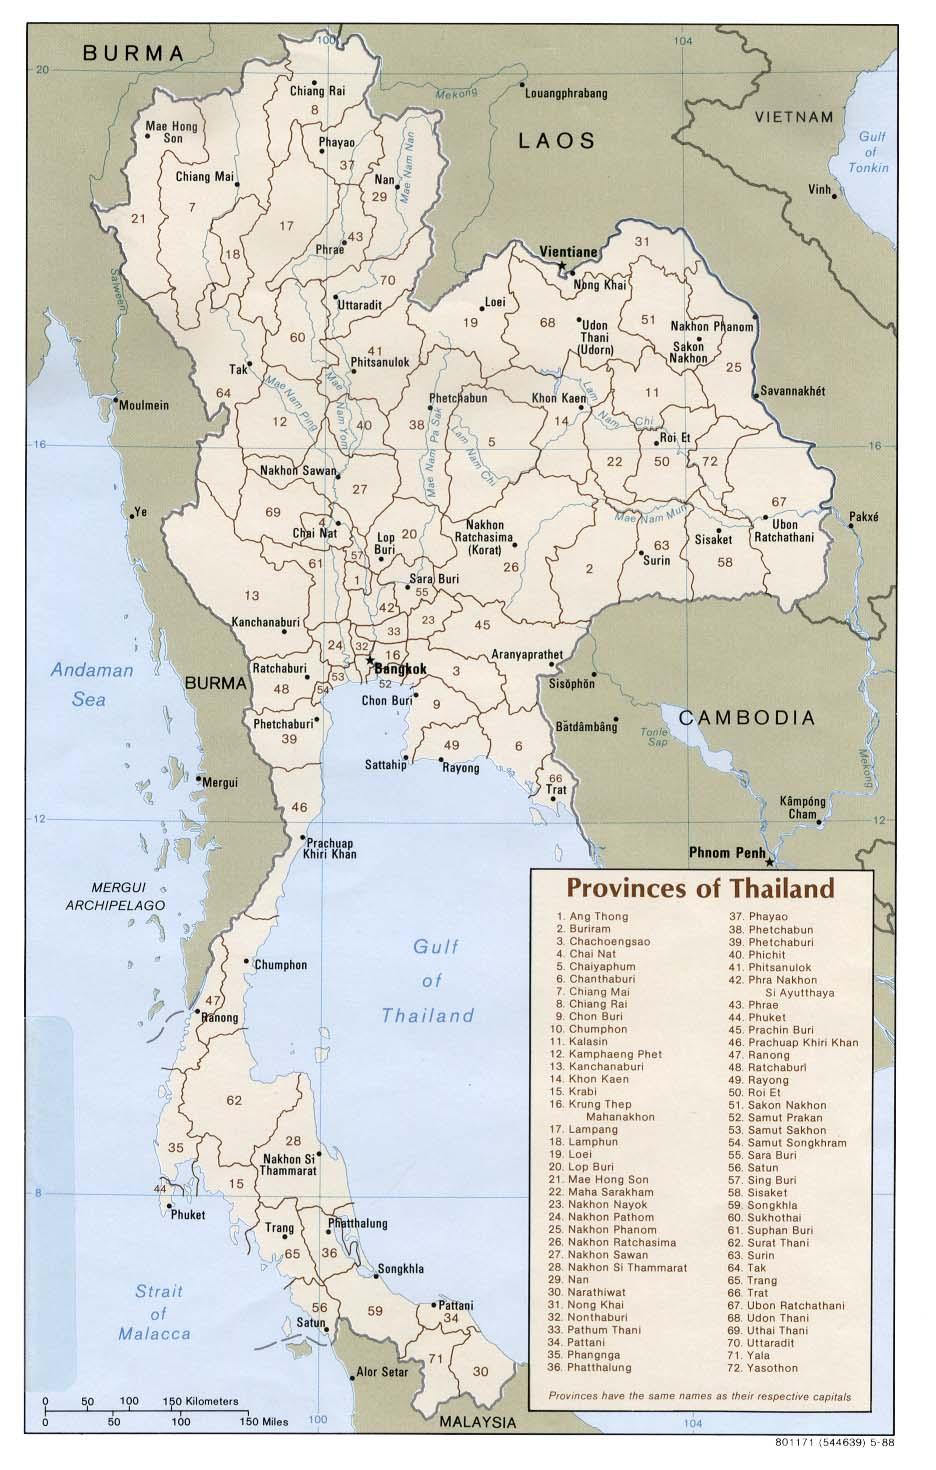 Mapa de las Divisiones Administrativas de Tailandia